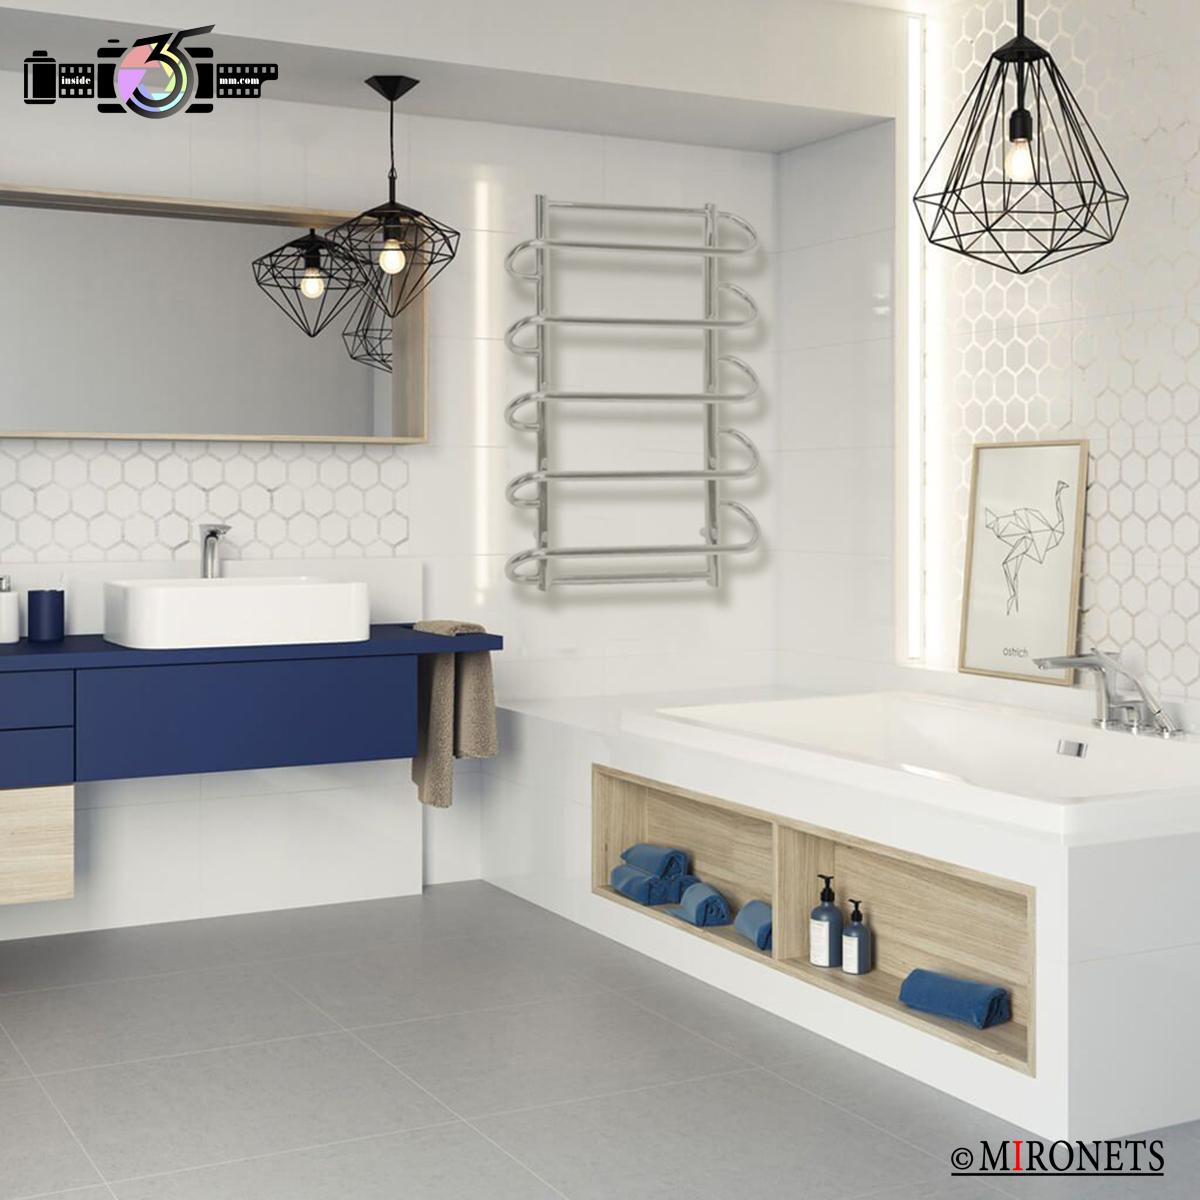 инсталляция полотенцесушителя в интерьер ванной комнаты